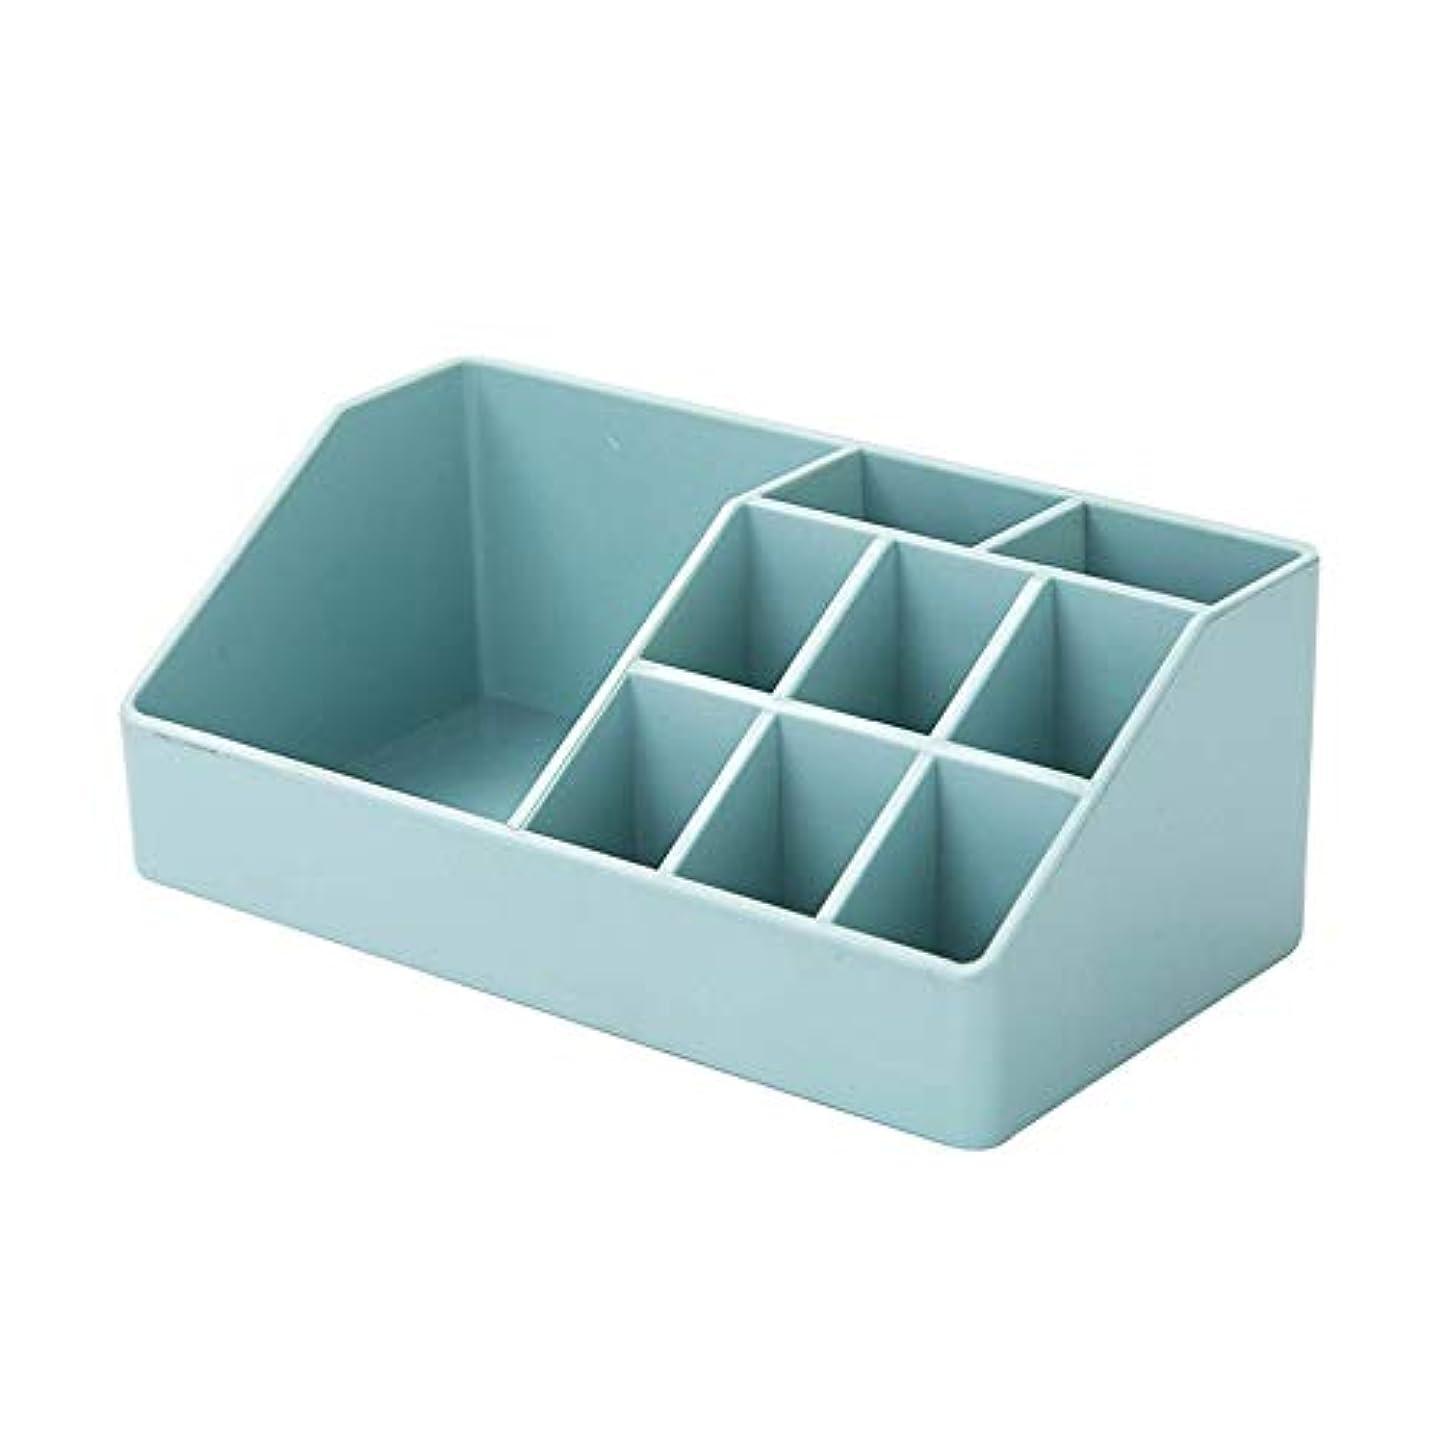 家庭の台所ドレンボックス食器オーガナイザー収納ボックス